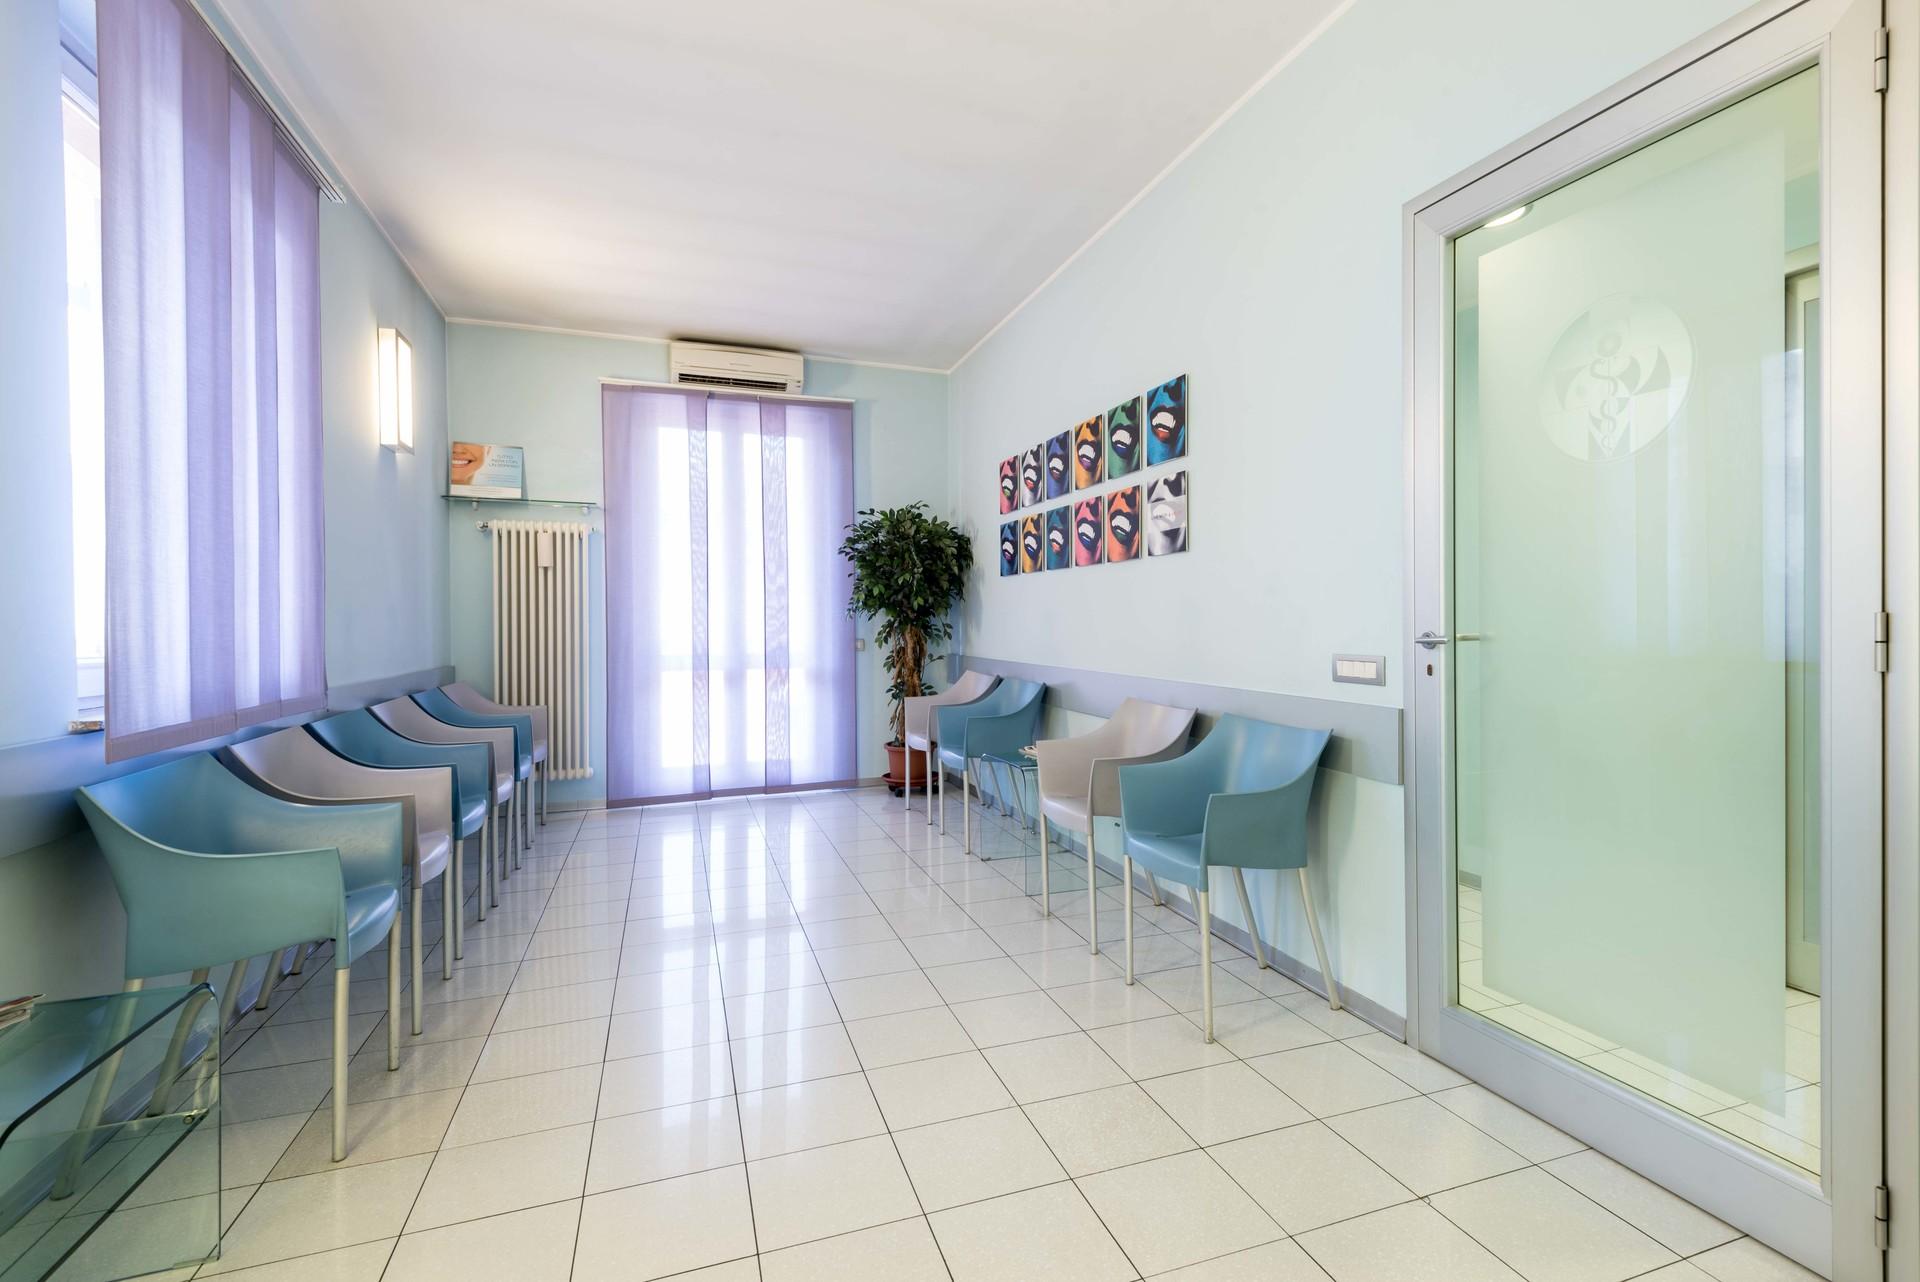 Sala d'attesa dello studio